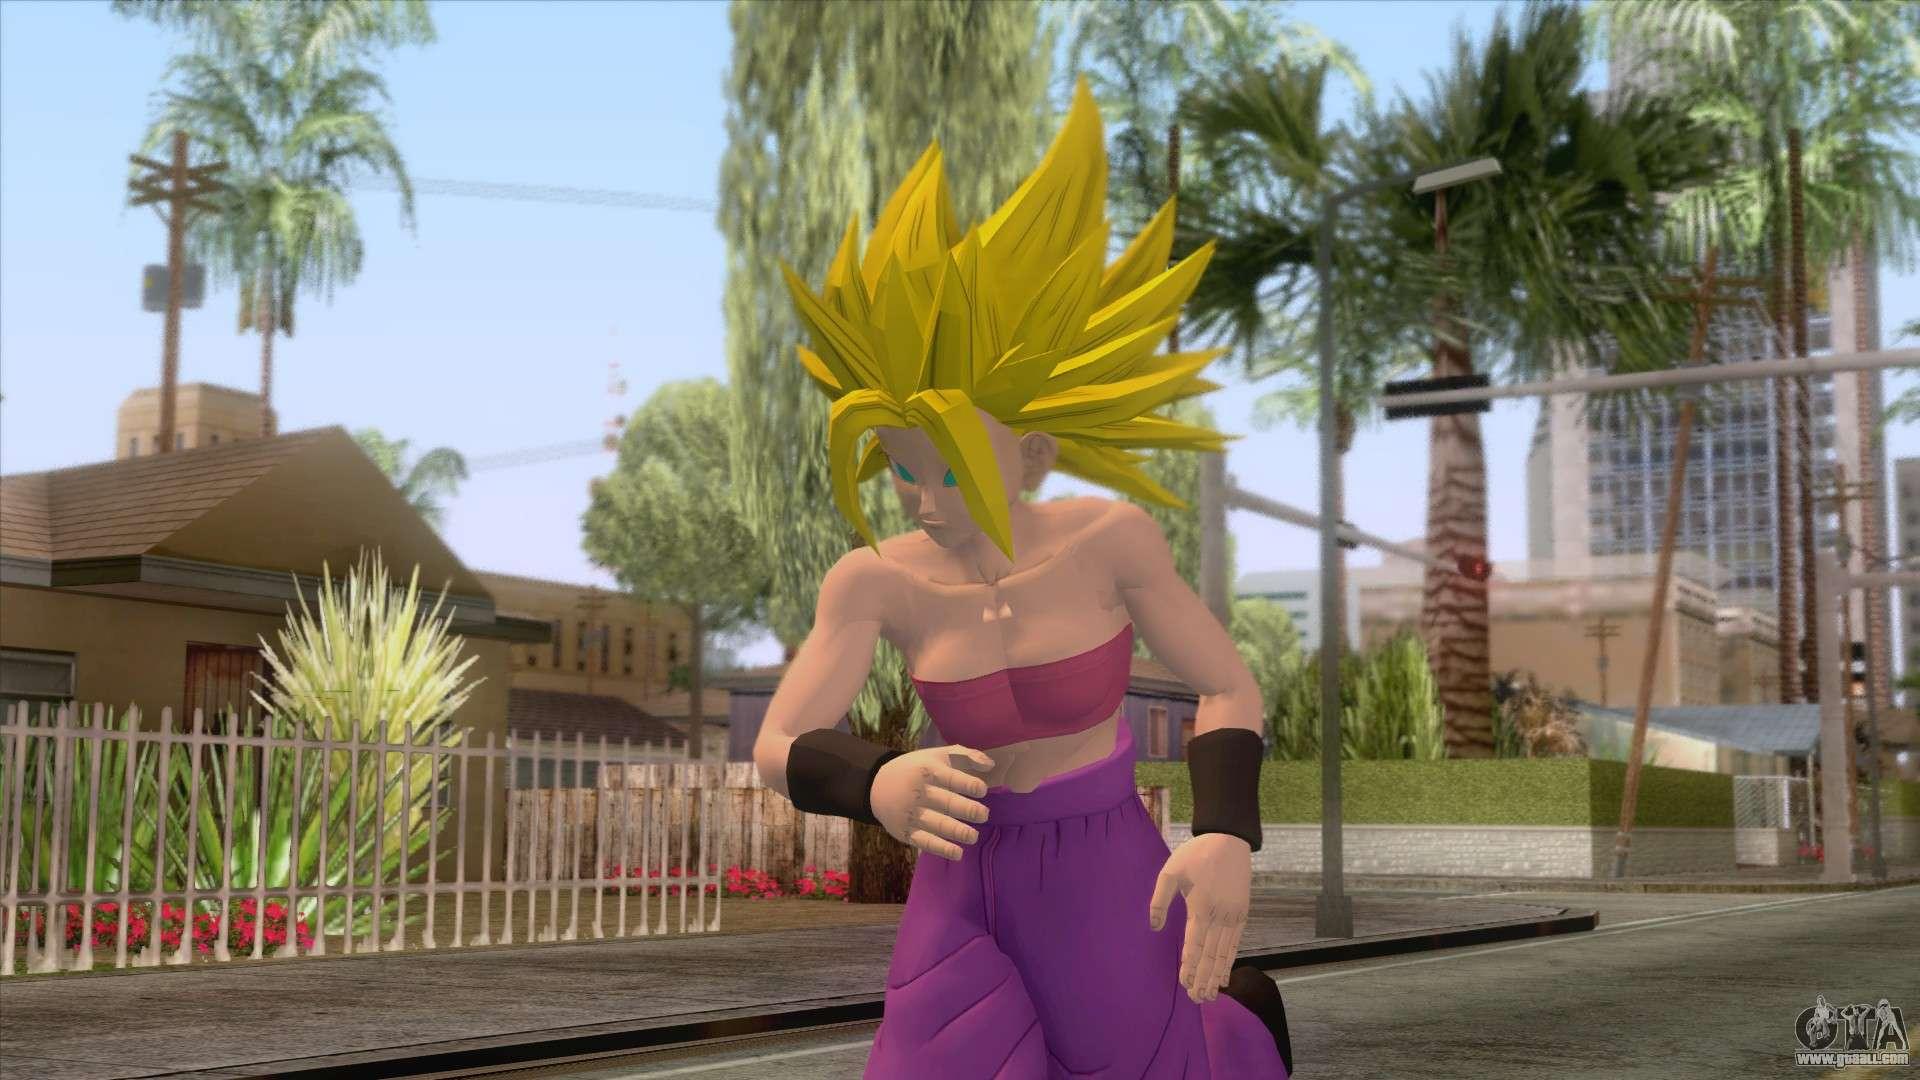 Goku in gta san andreas download